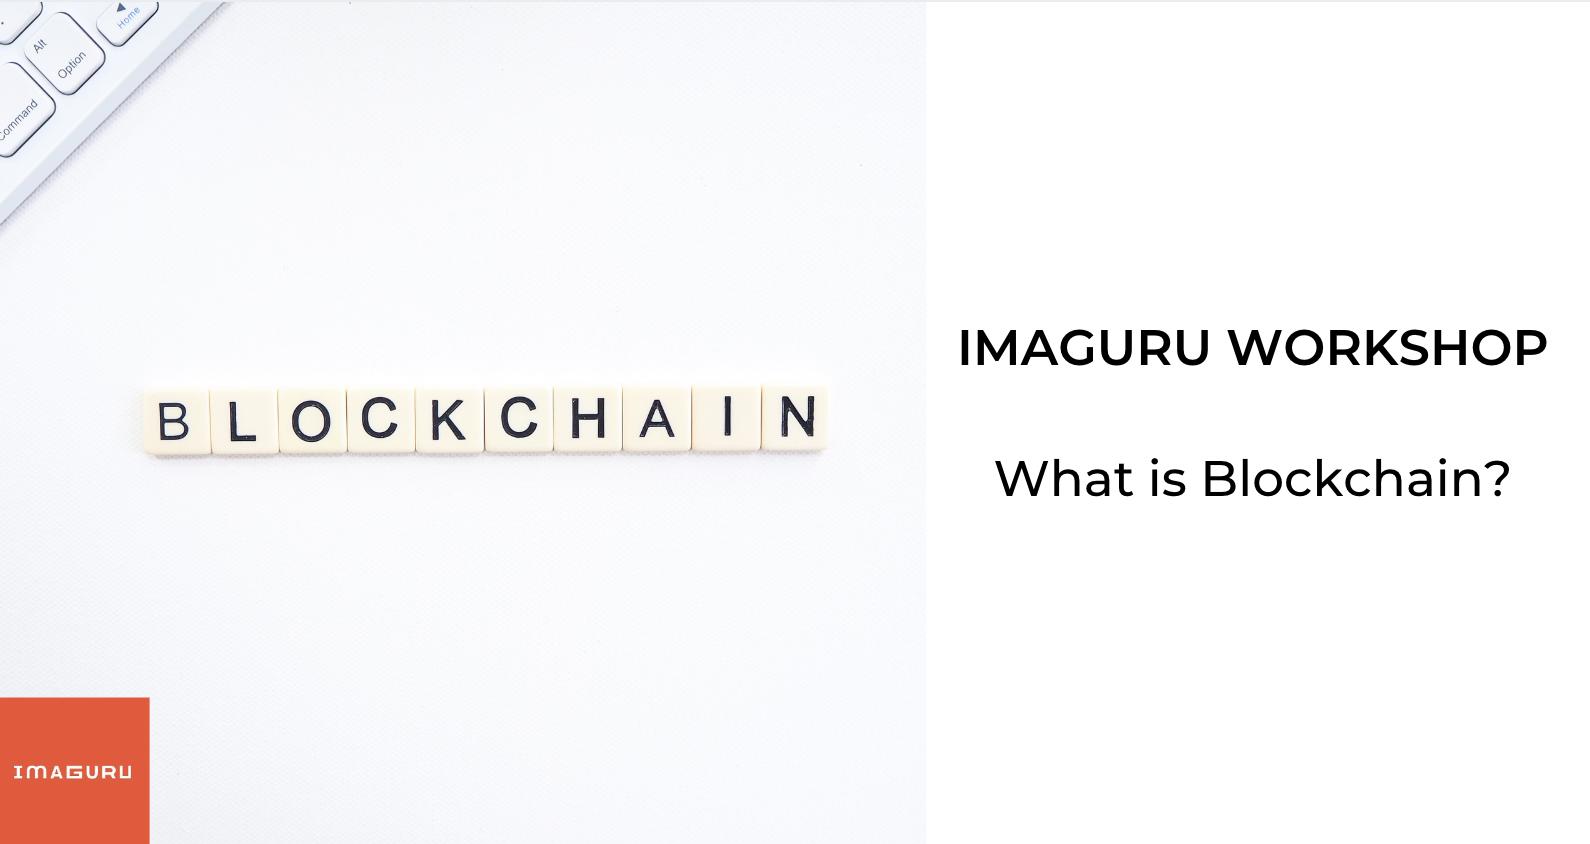 Workshop: What Is Blockchain?